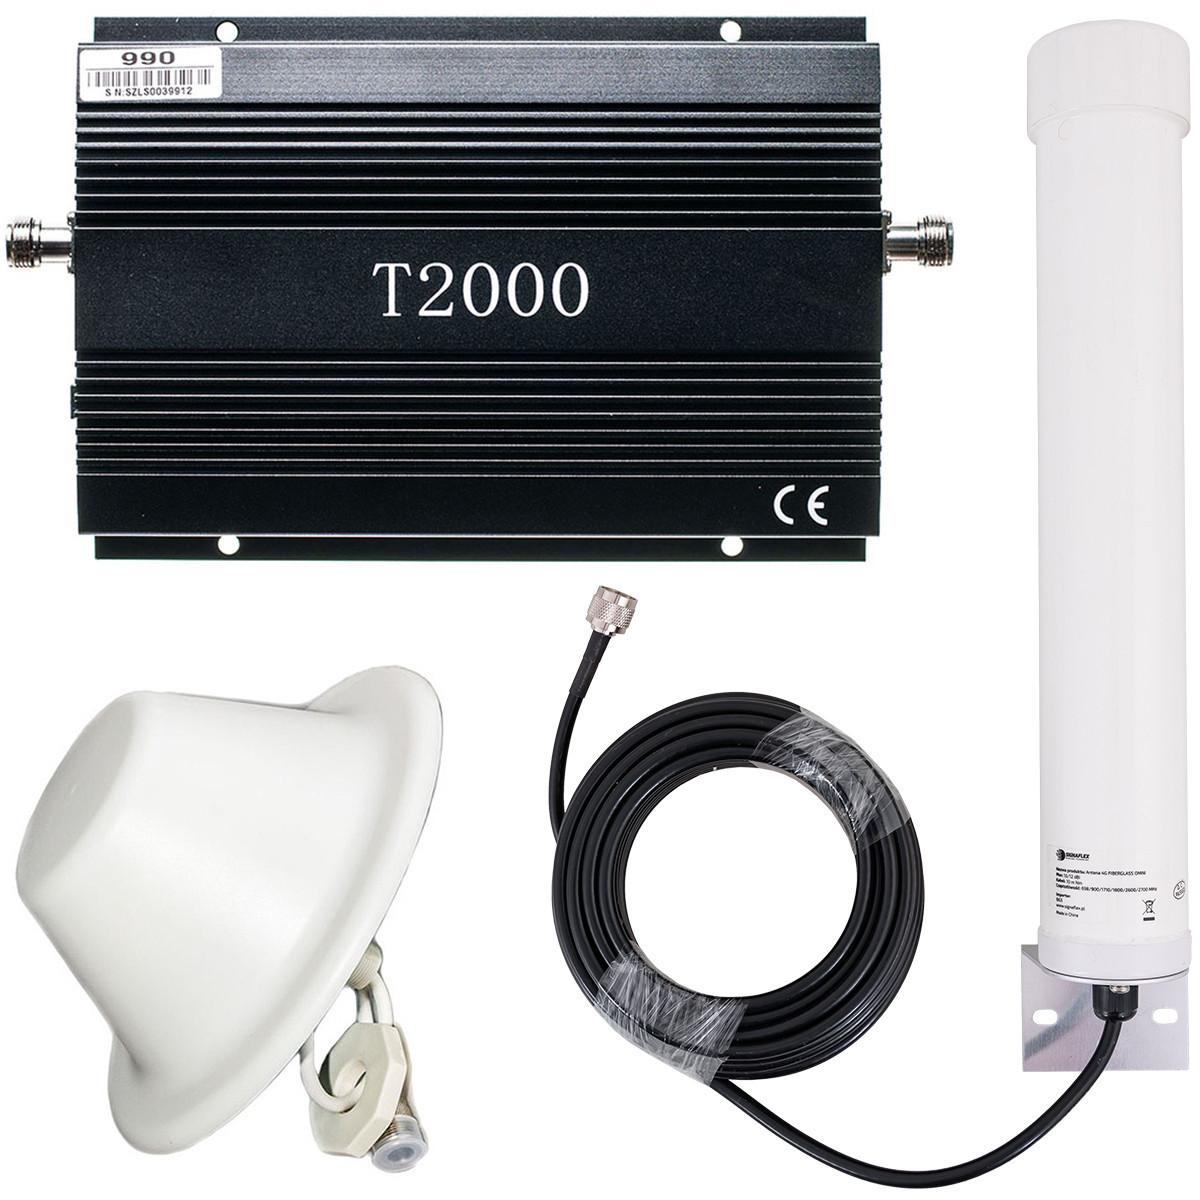 Komplet T2000 + Tube 10/12 dBi + grzybek 8 dBi